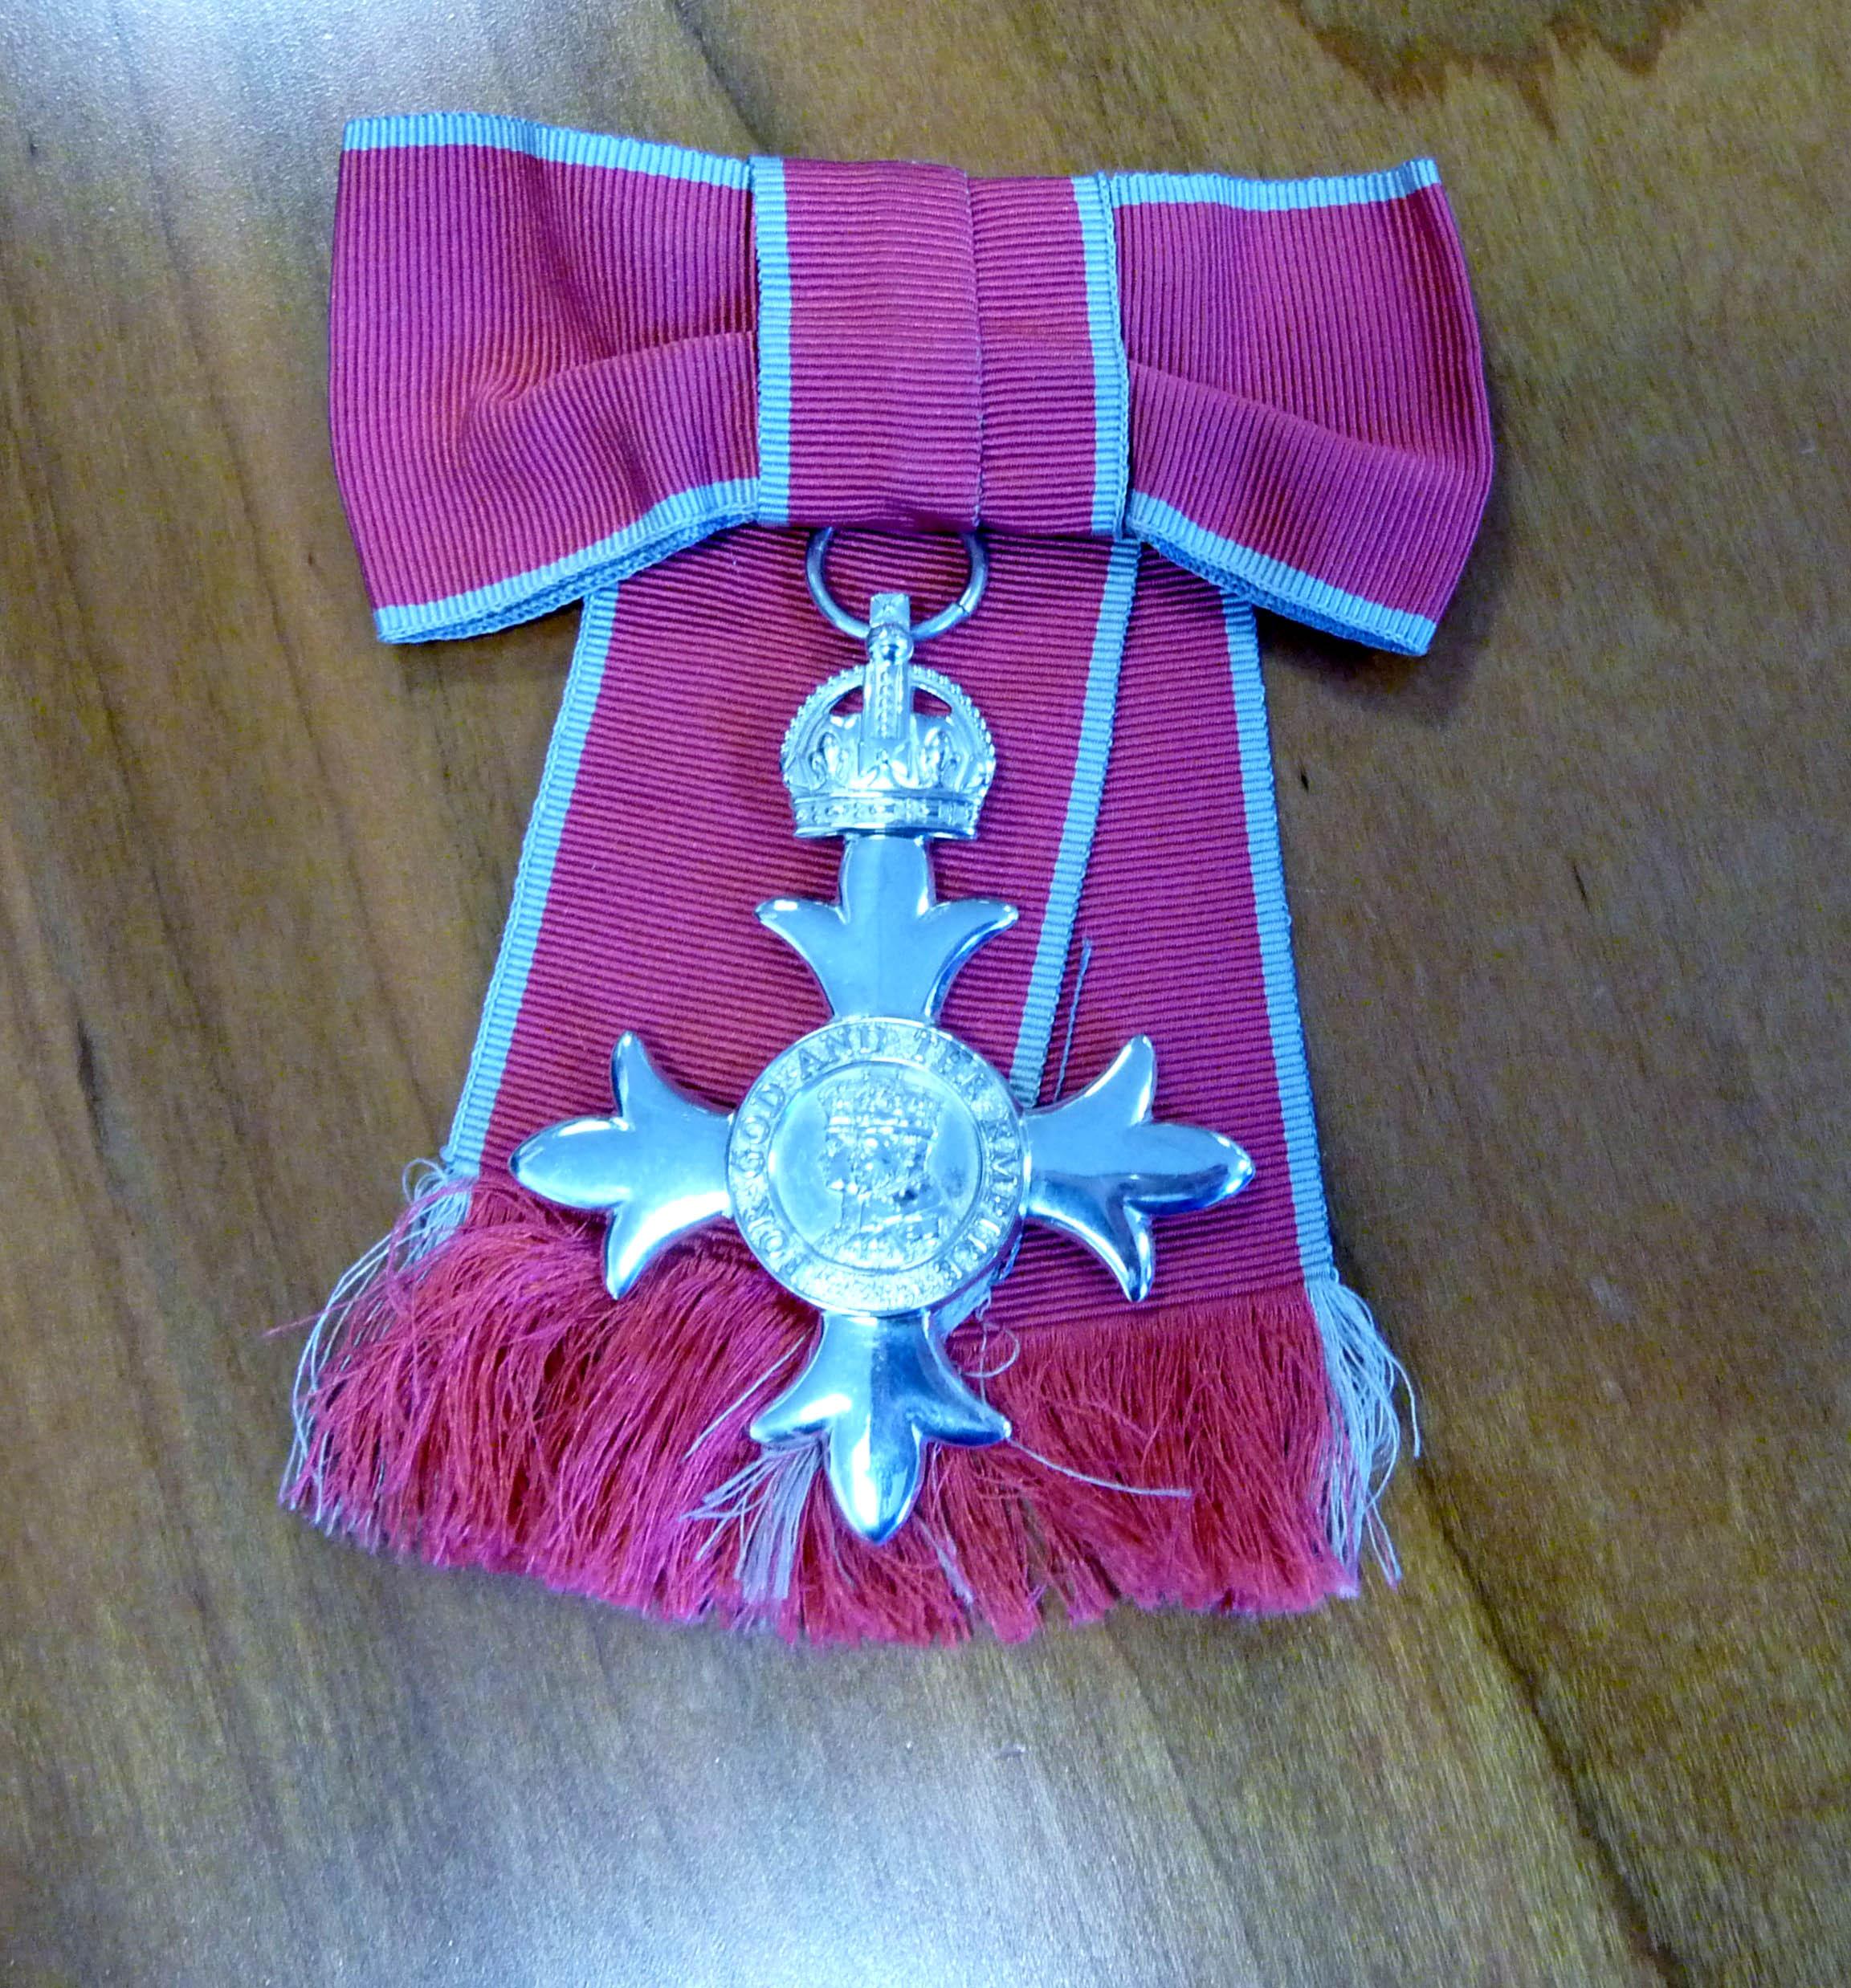 Ruby's MBE Award